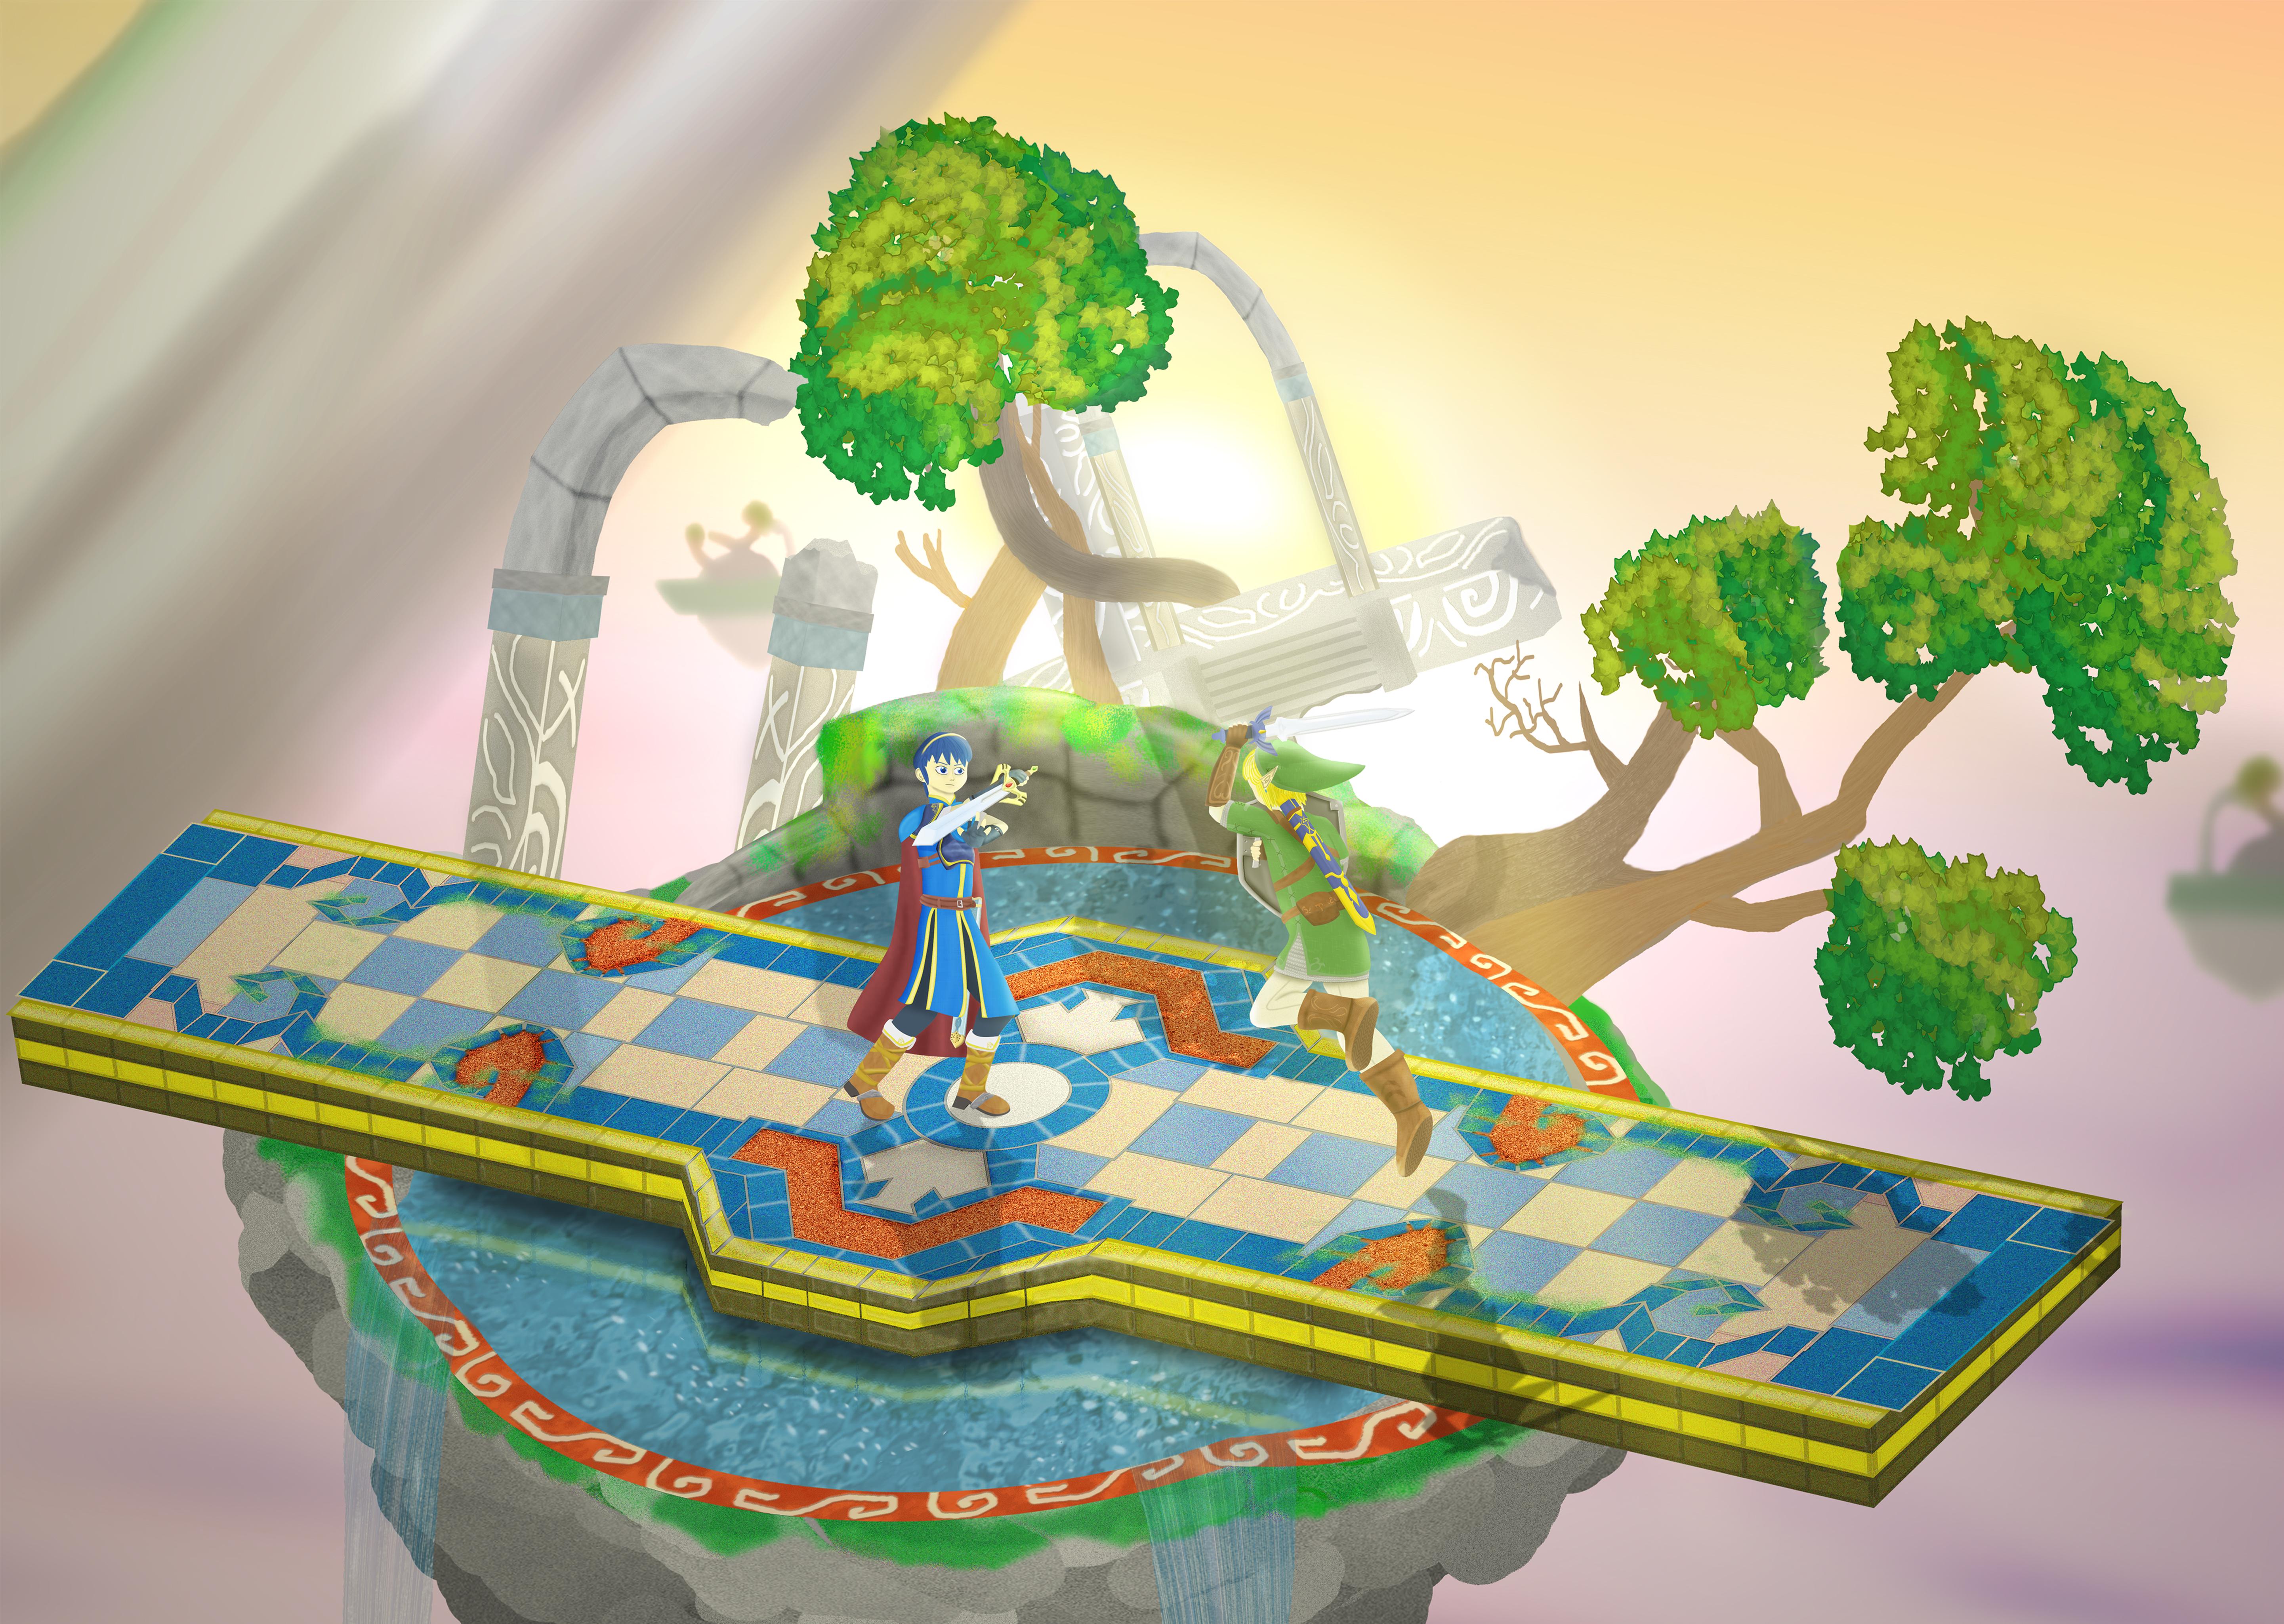 Link vs. Marth (Smash Bros.)